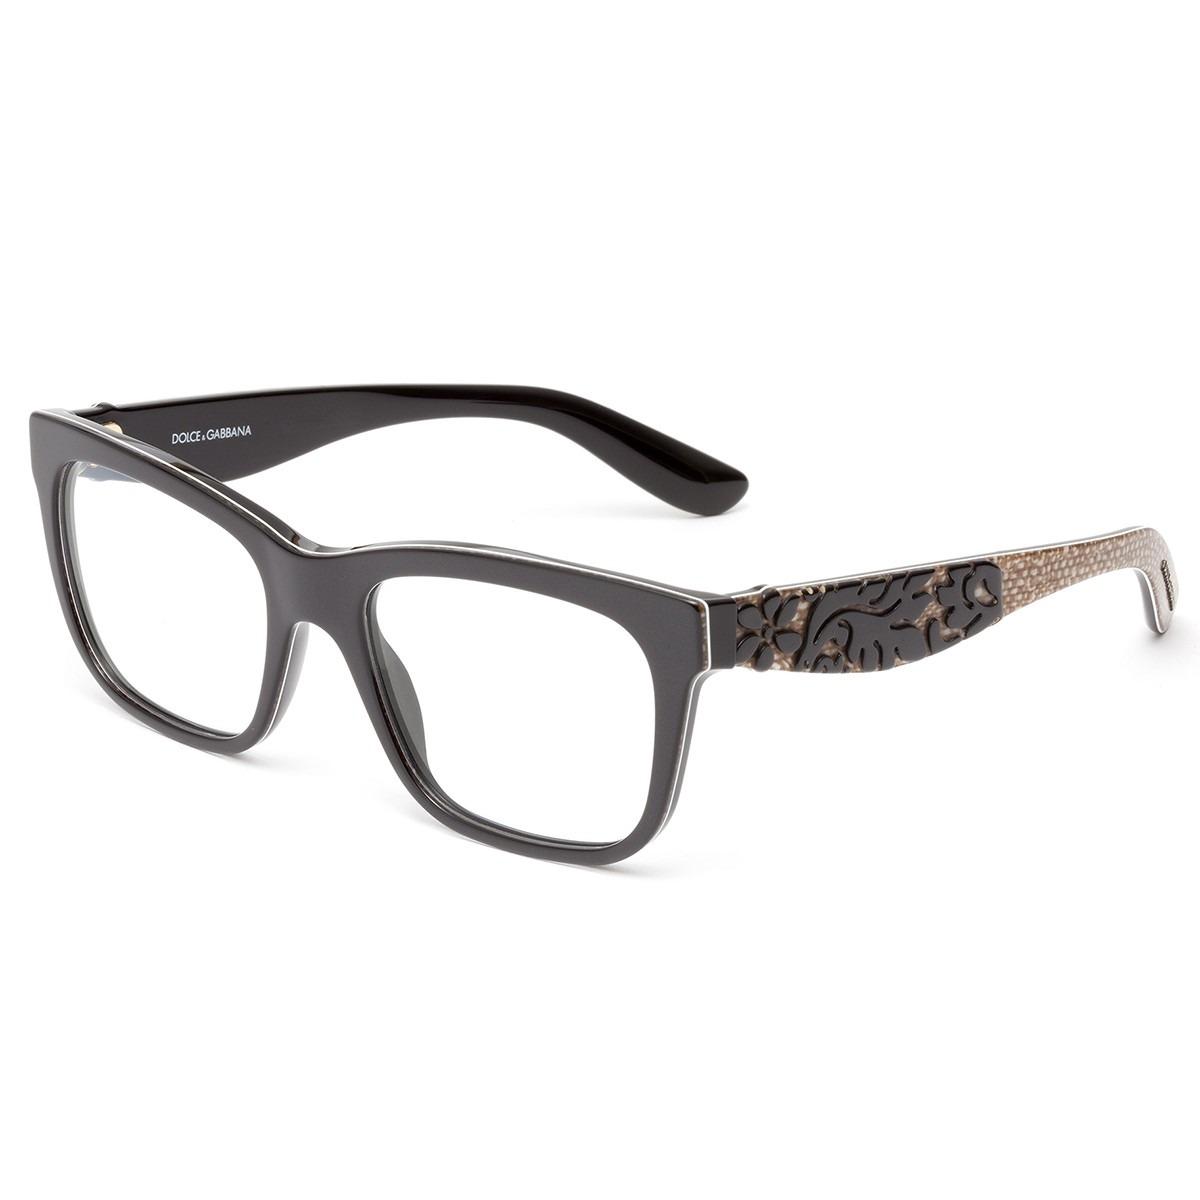 Óculos de Grau Dolce & Gabbana Preto/Marrom DG3239 - 2998/52